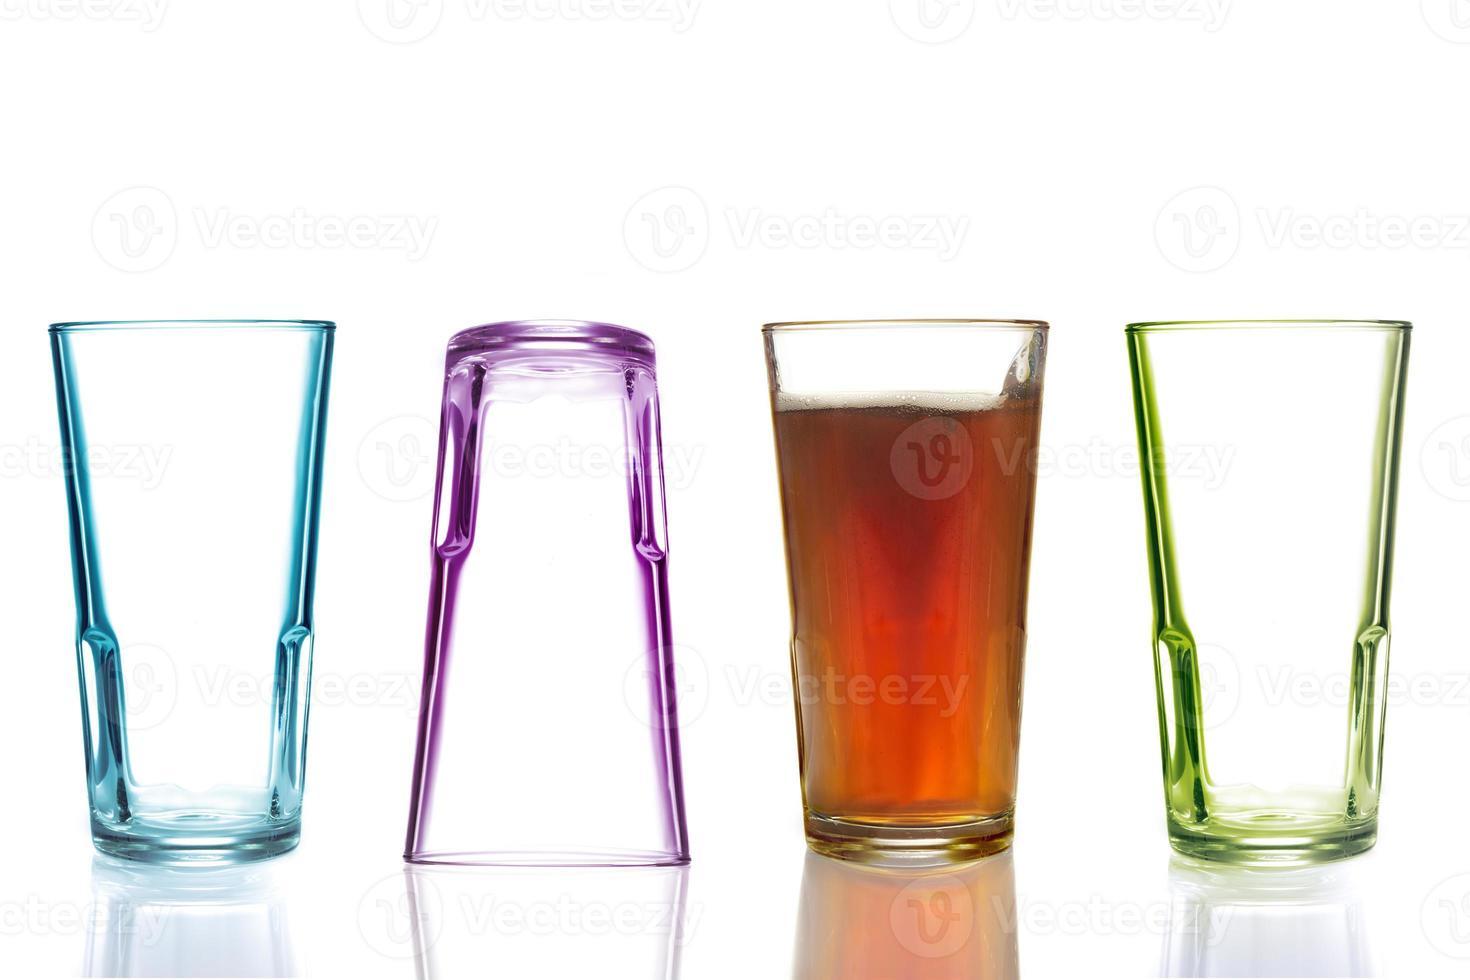 vier kleurrijke drinkglazen, waarvan één met cola foto